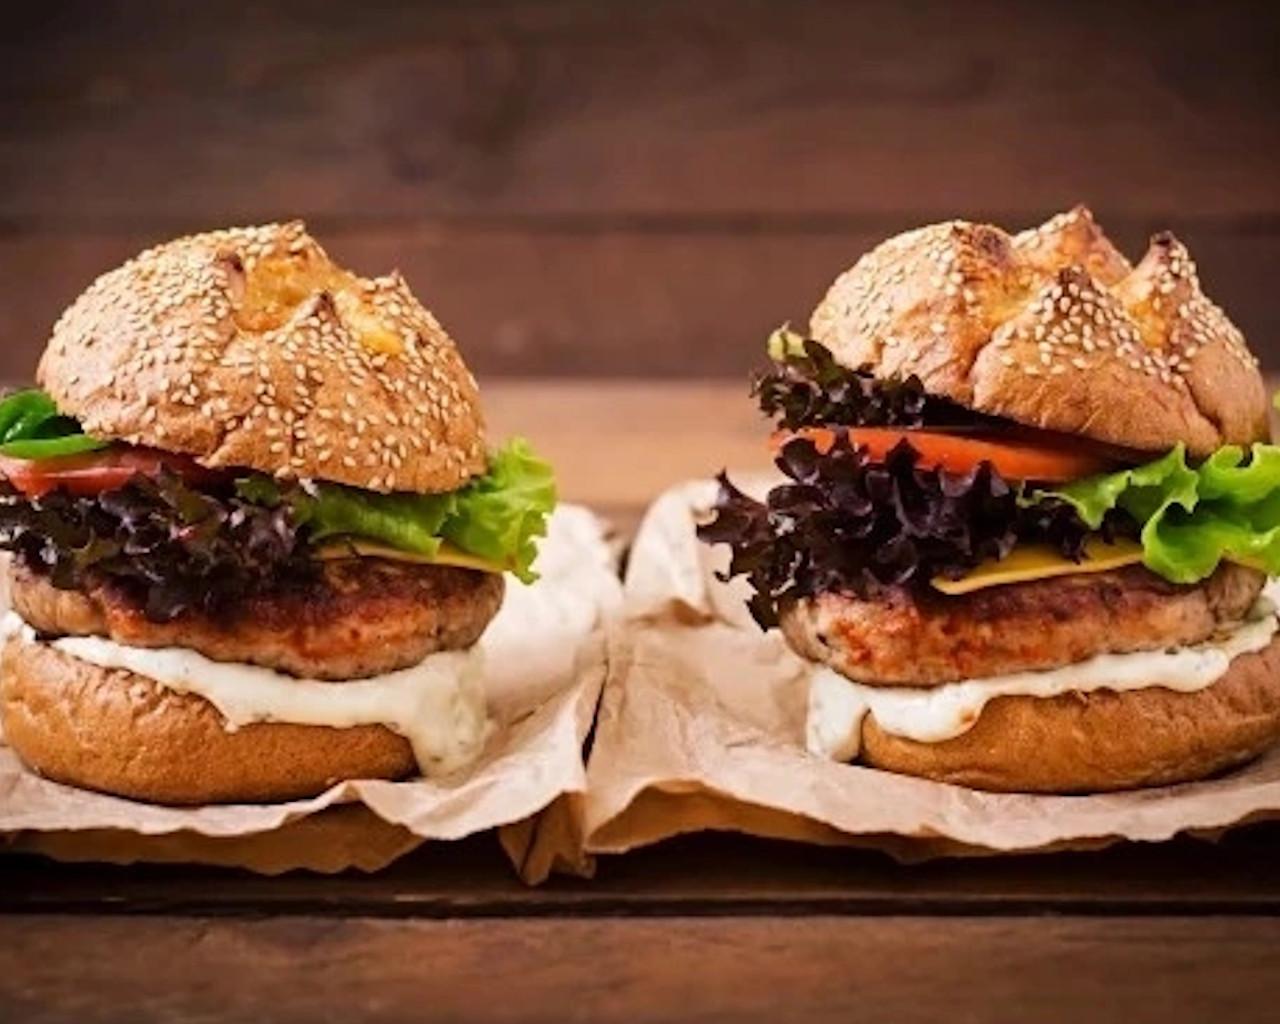 Δες ΤΩΡΑ τα πιο νόστιμα και εύκολα γεύματα με ΛΙΓΟΤΕΡΕΣ από 400 θερμίδες-Ακόμα να τα δοκιμάσεις;